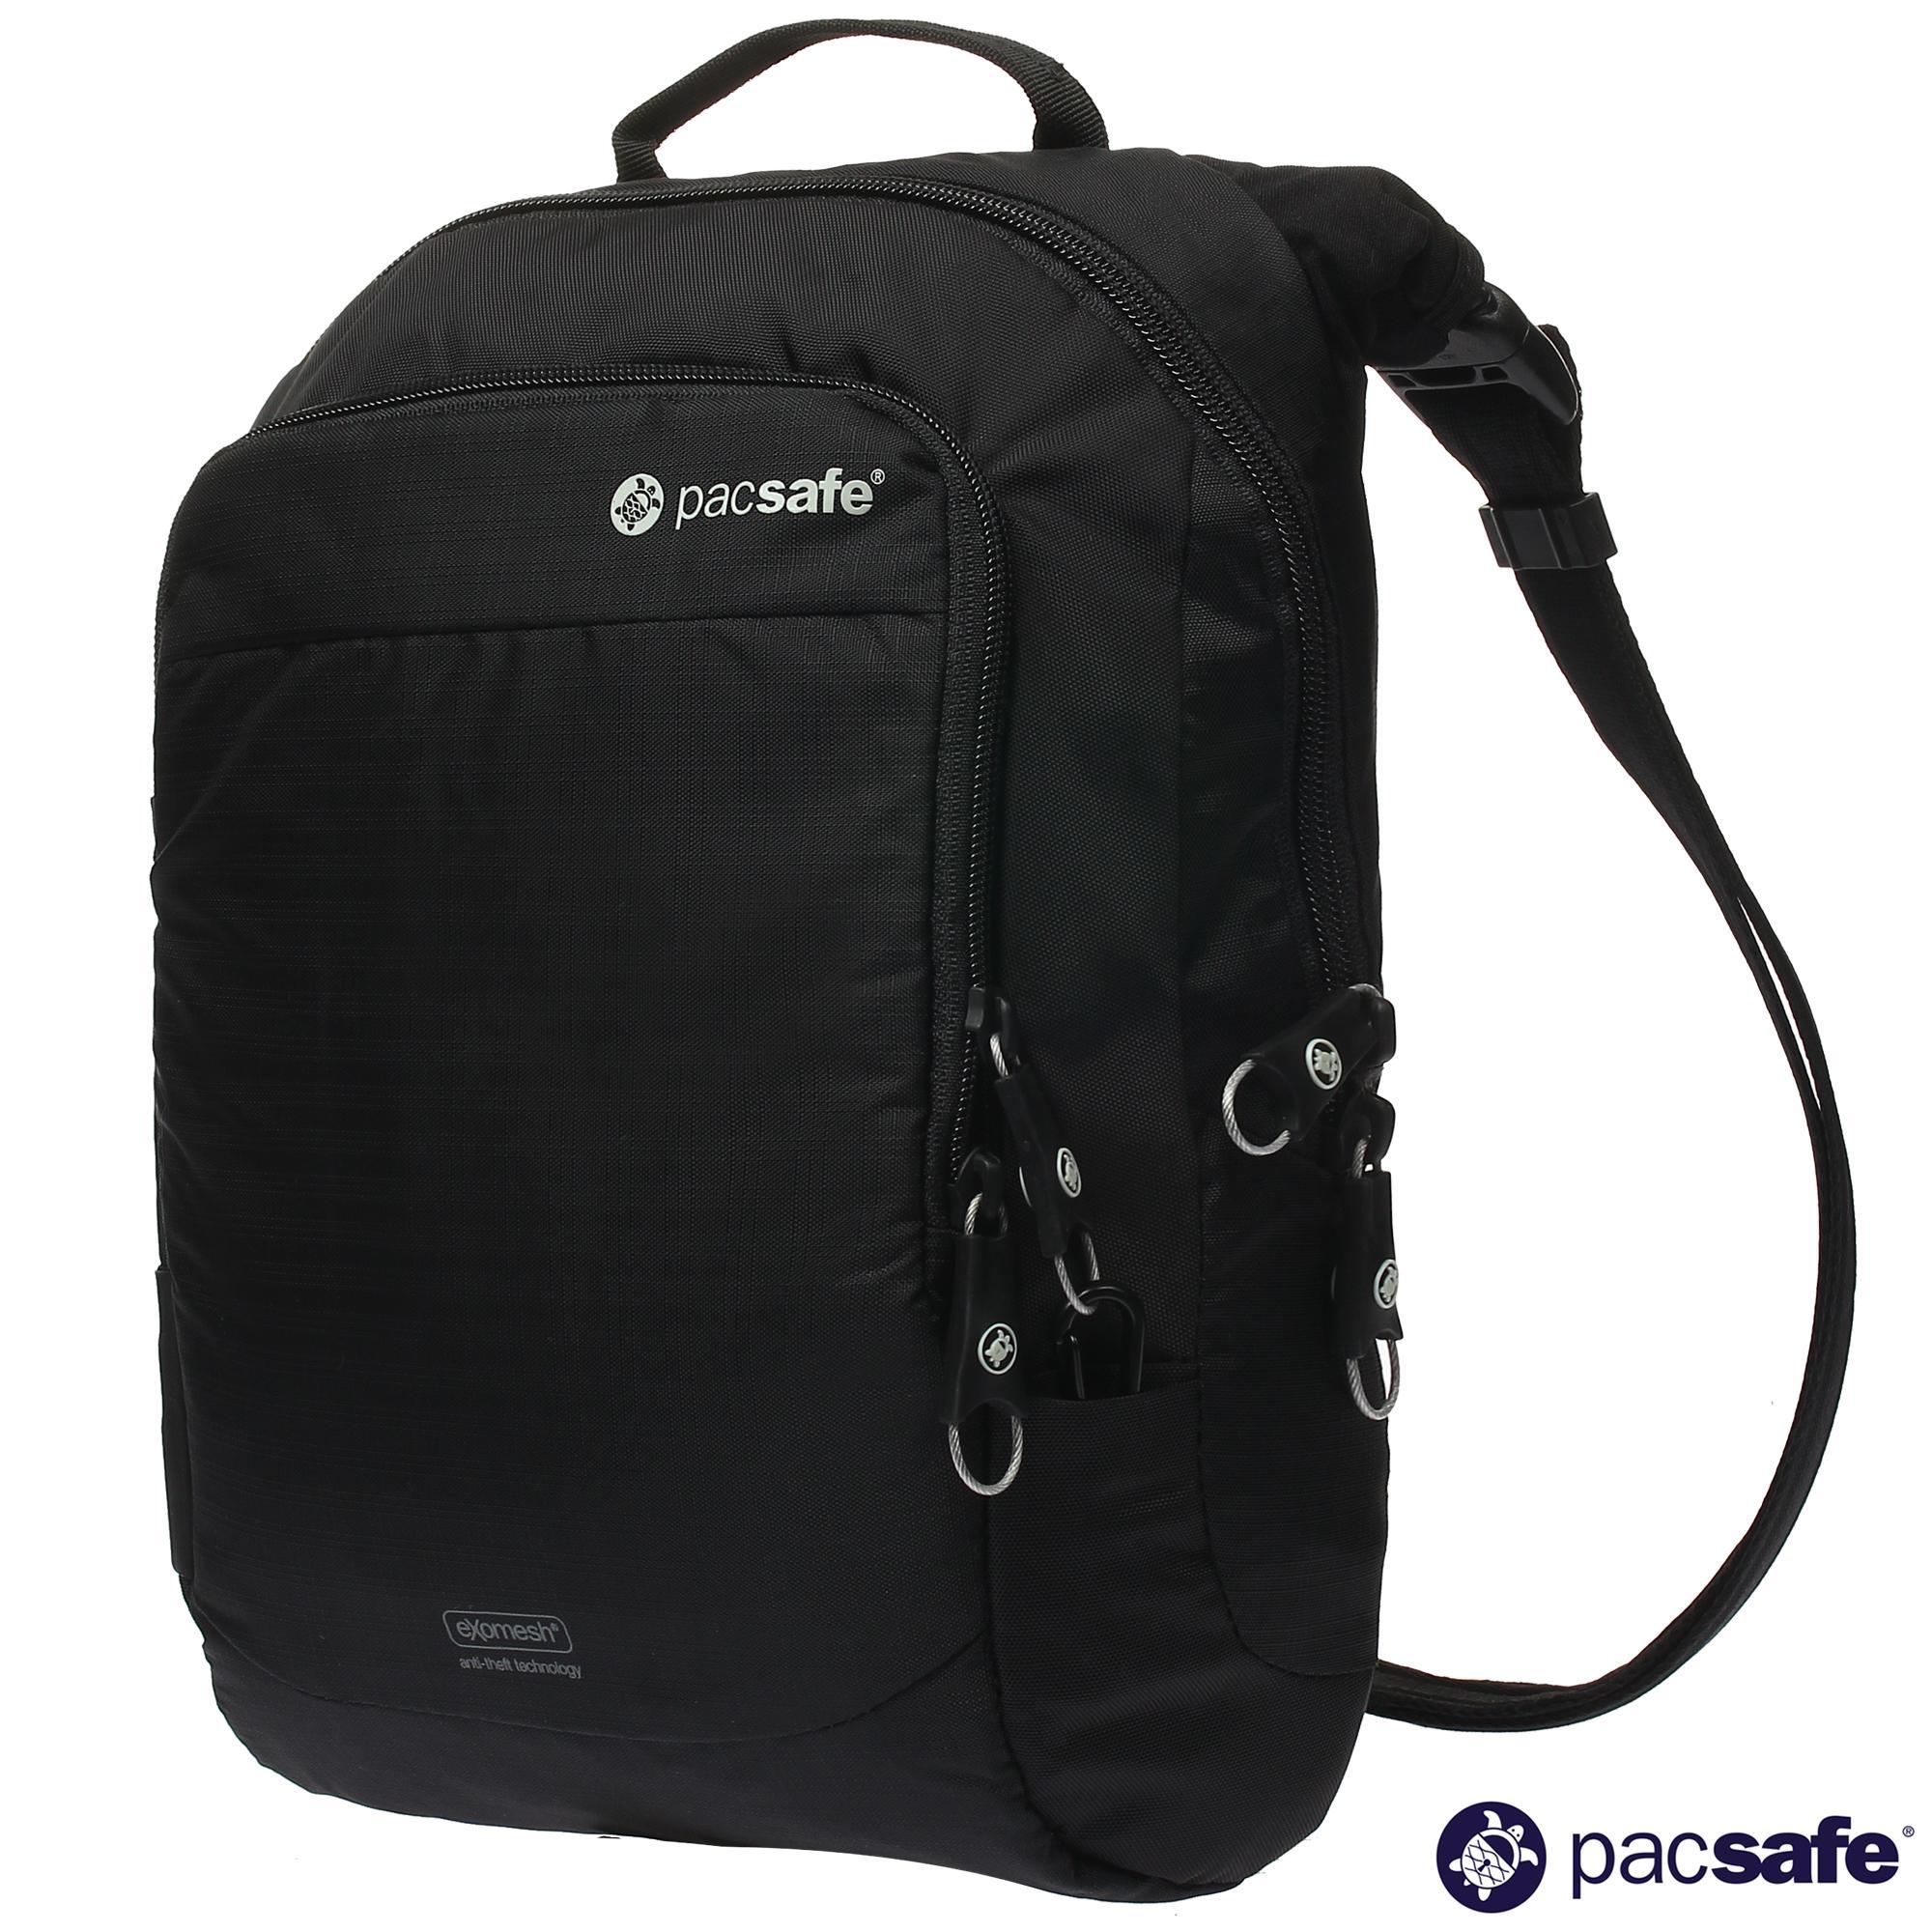 Pacsafe Venturesafe 200 Gii Anti Theft Travel Bag 60180 Black